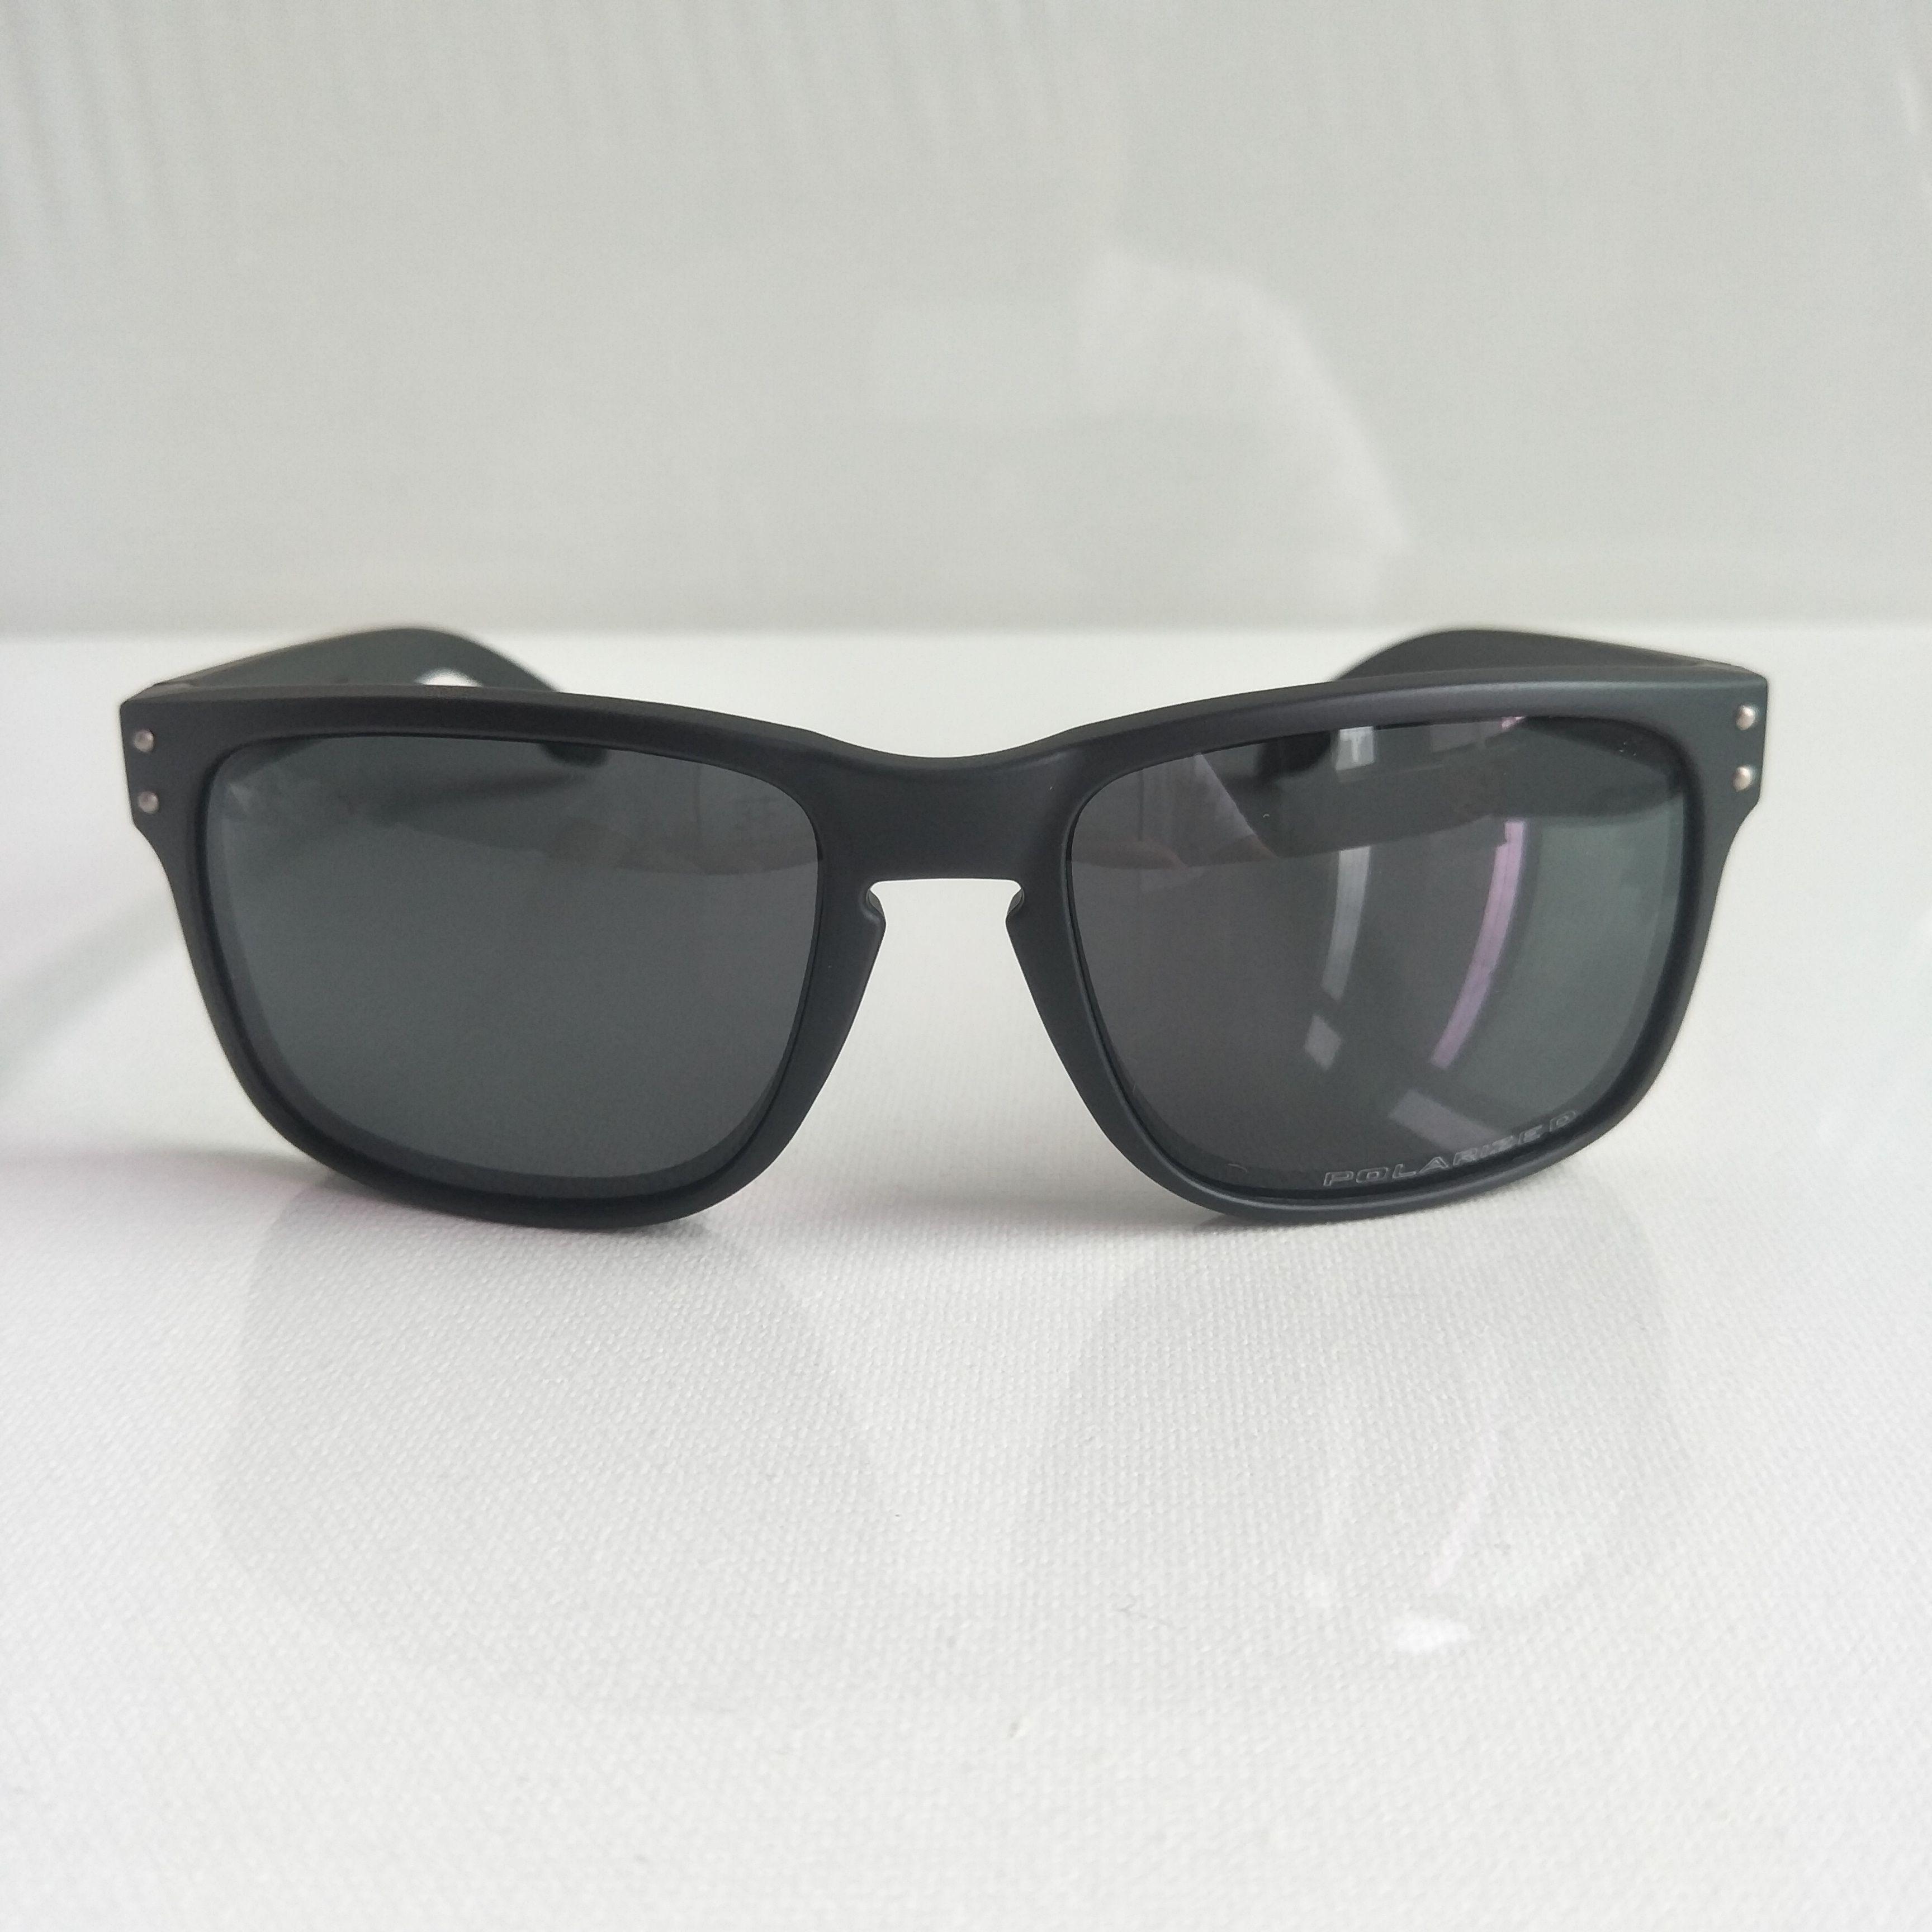 9102 남성용 편광 선글라스 여름 그늘 UV400 보호 스포츠 선글라스 남자 태양 안경 11 색 상자와 케이스